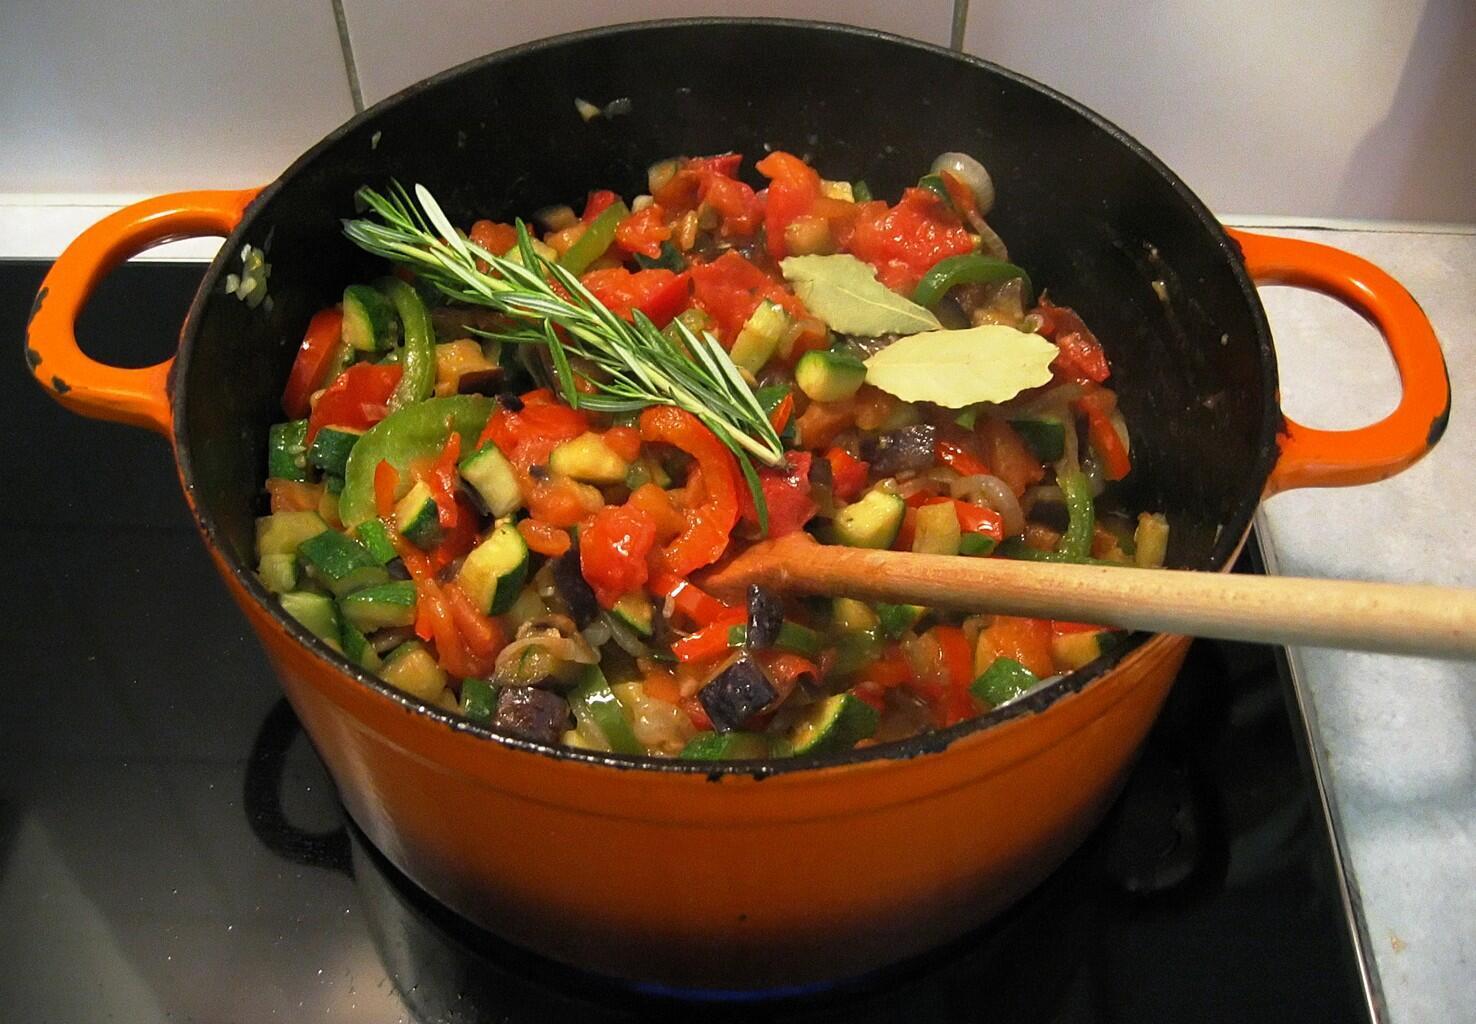 Рататуй - самый простой и популяный овощной гарнир, который каждый готовит по-своему